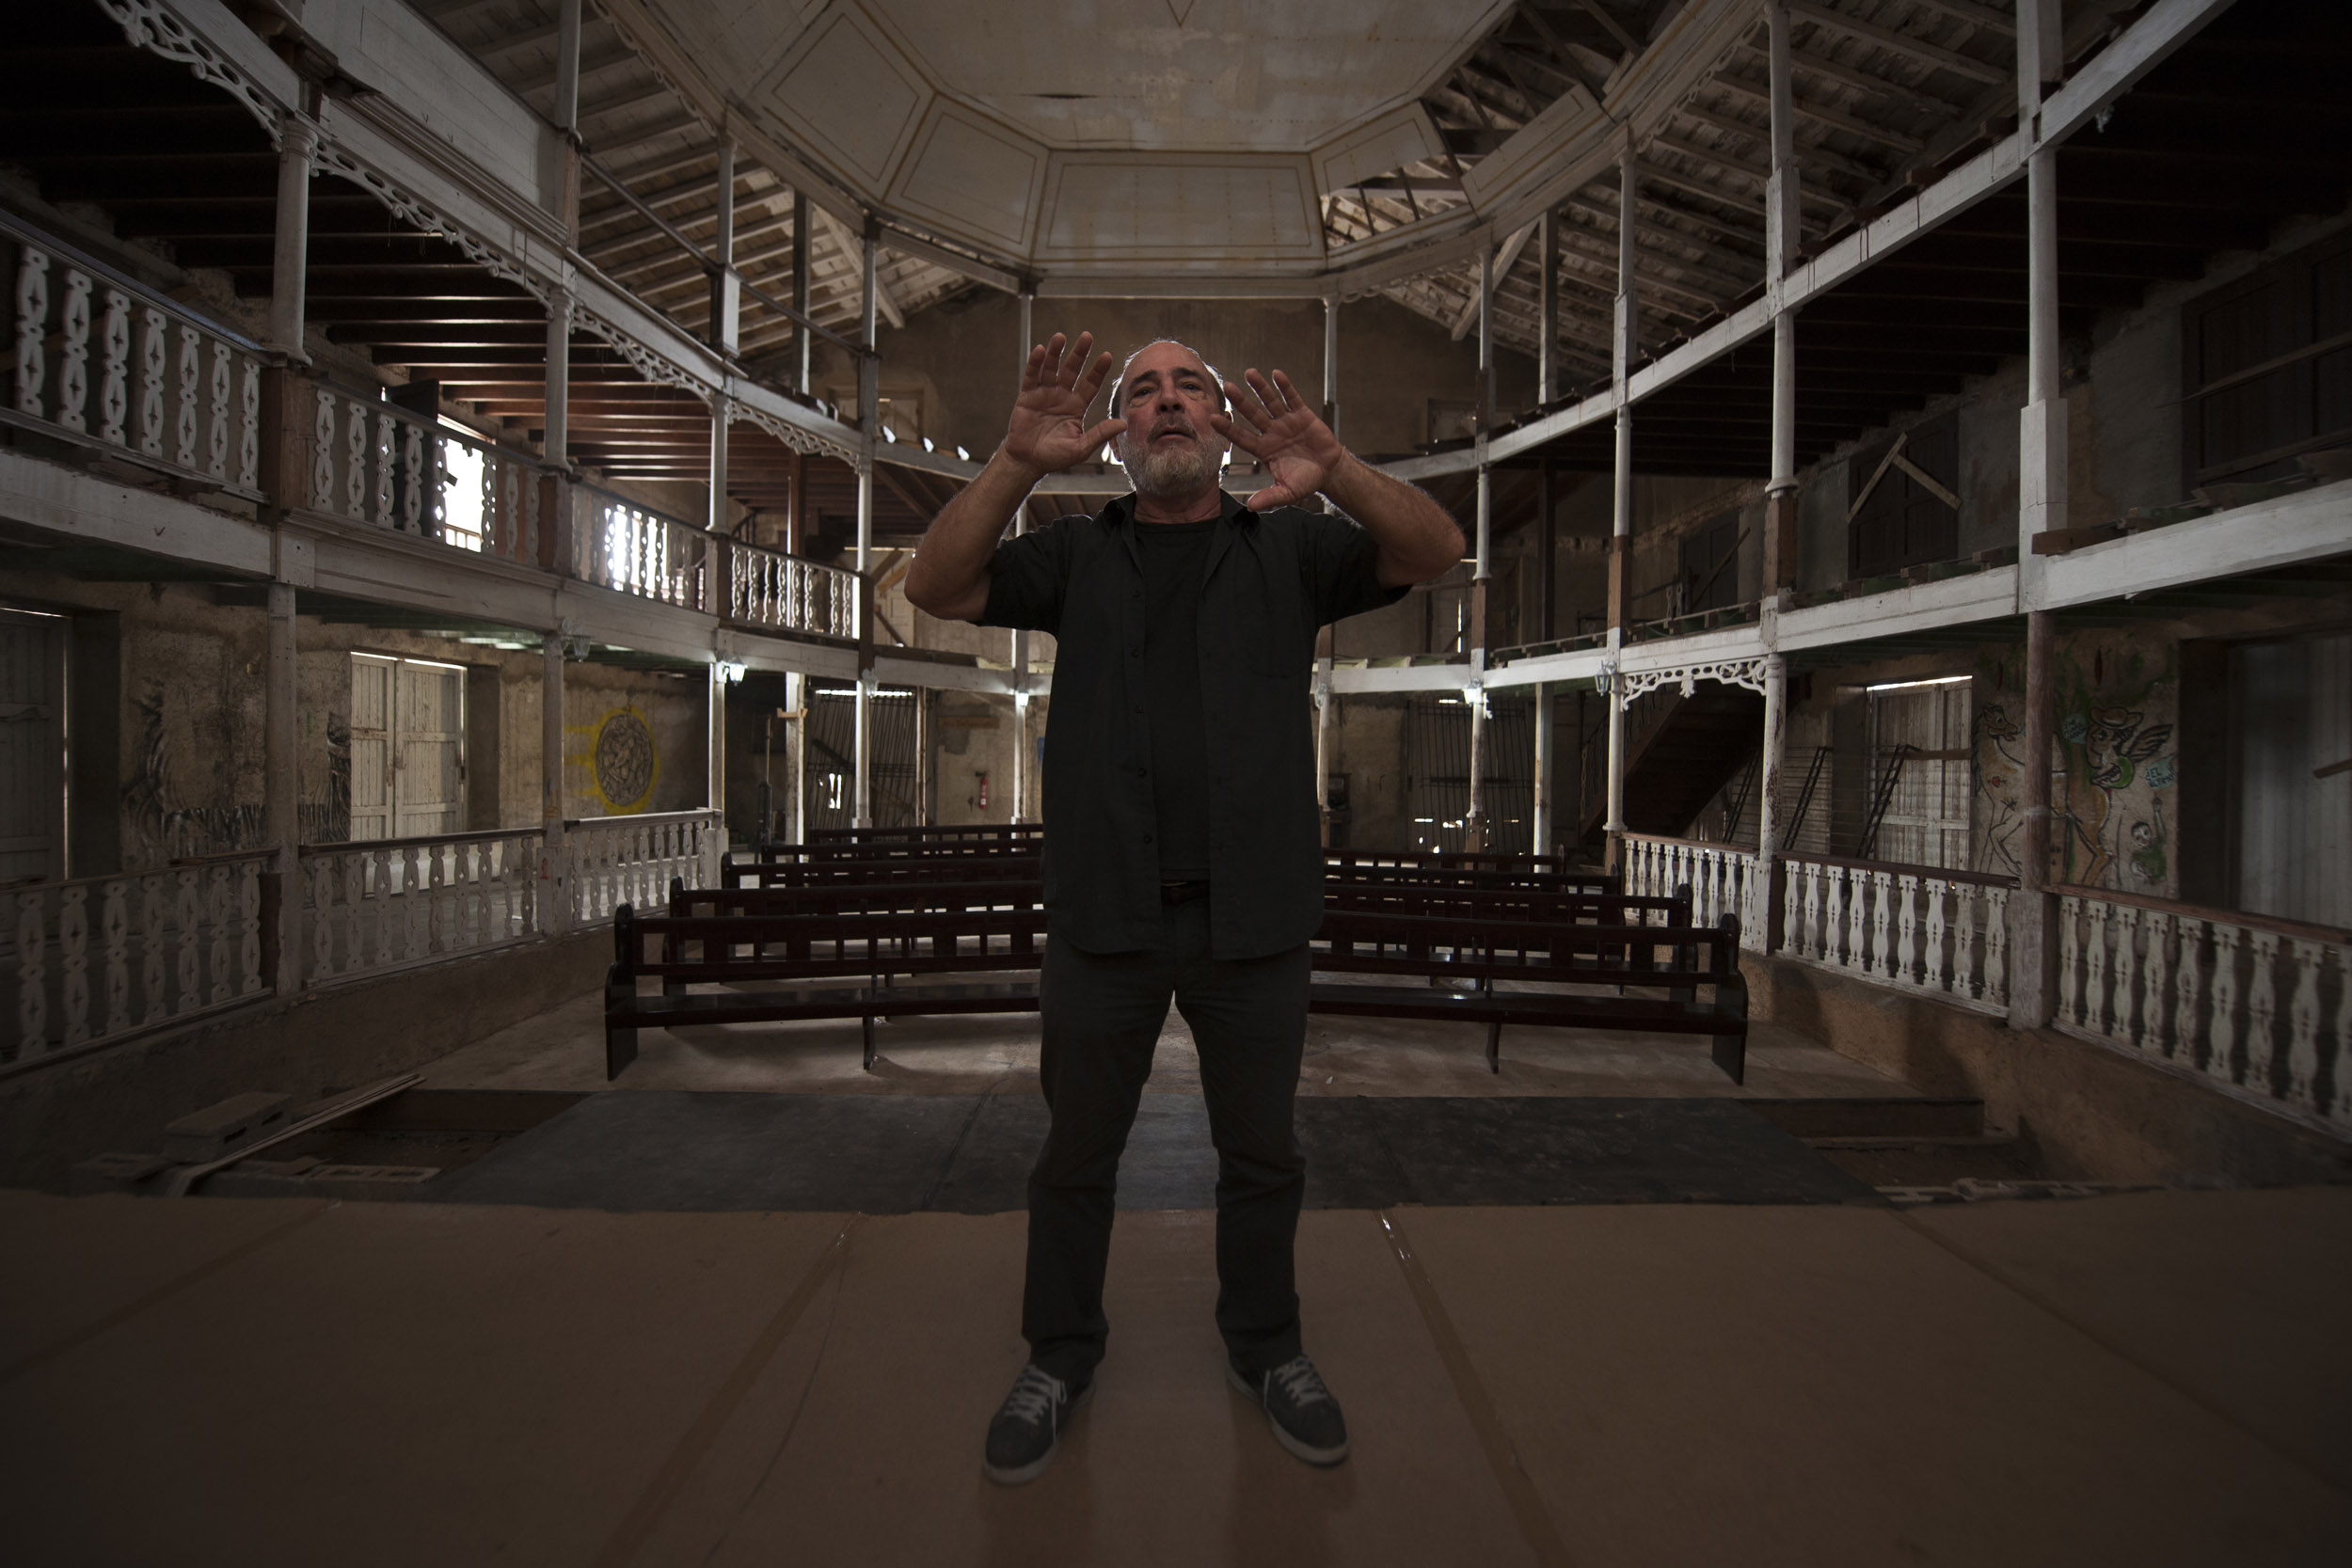 Aramís Delgado, actor - Illuminated Cuba - Hector Garrido, Aerial and human photography